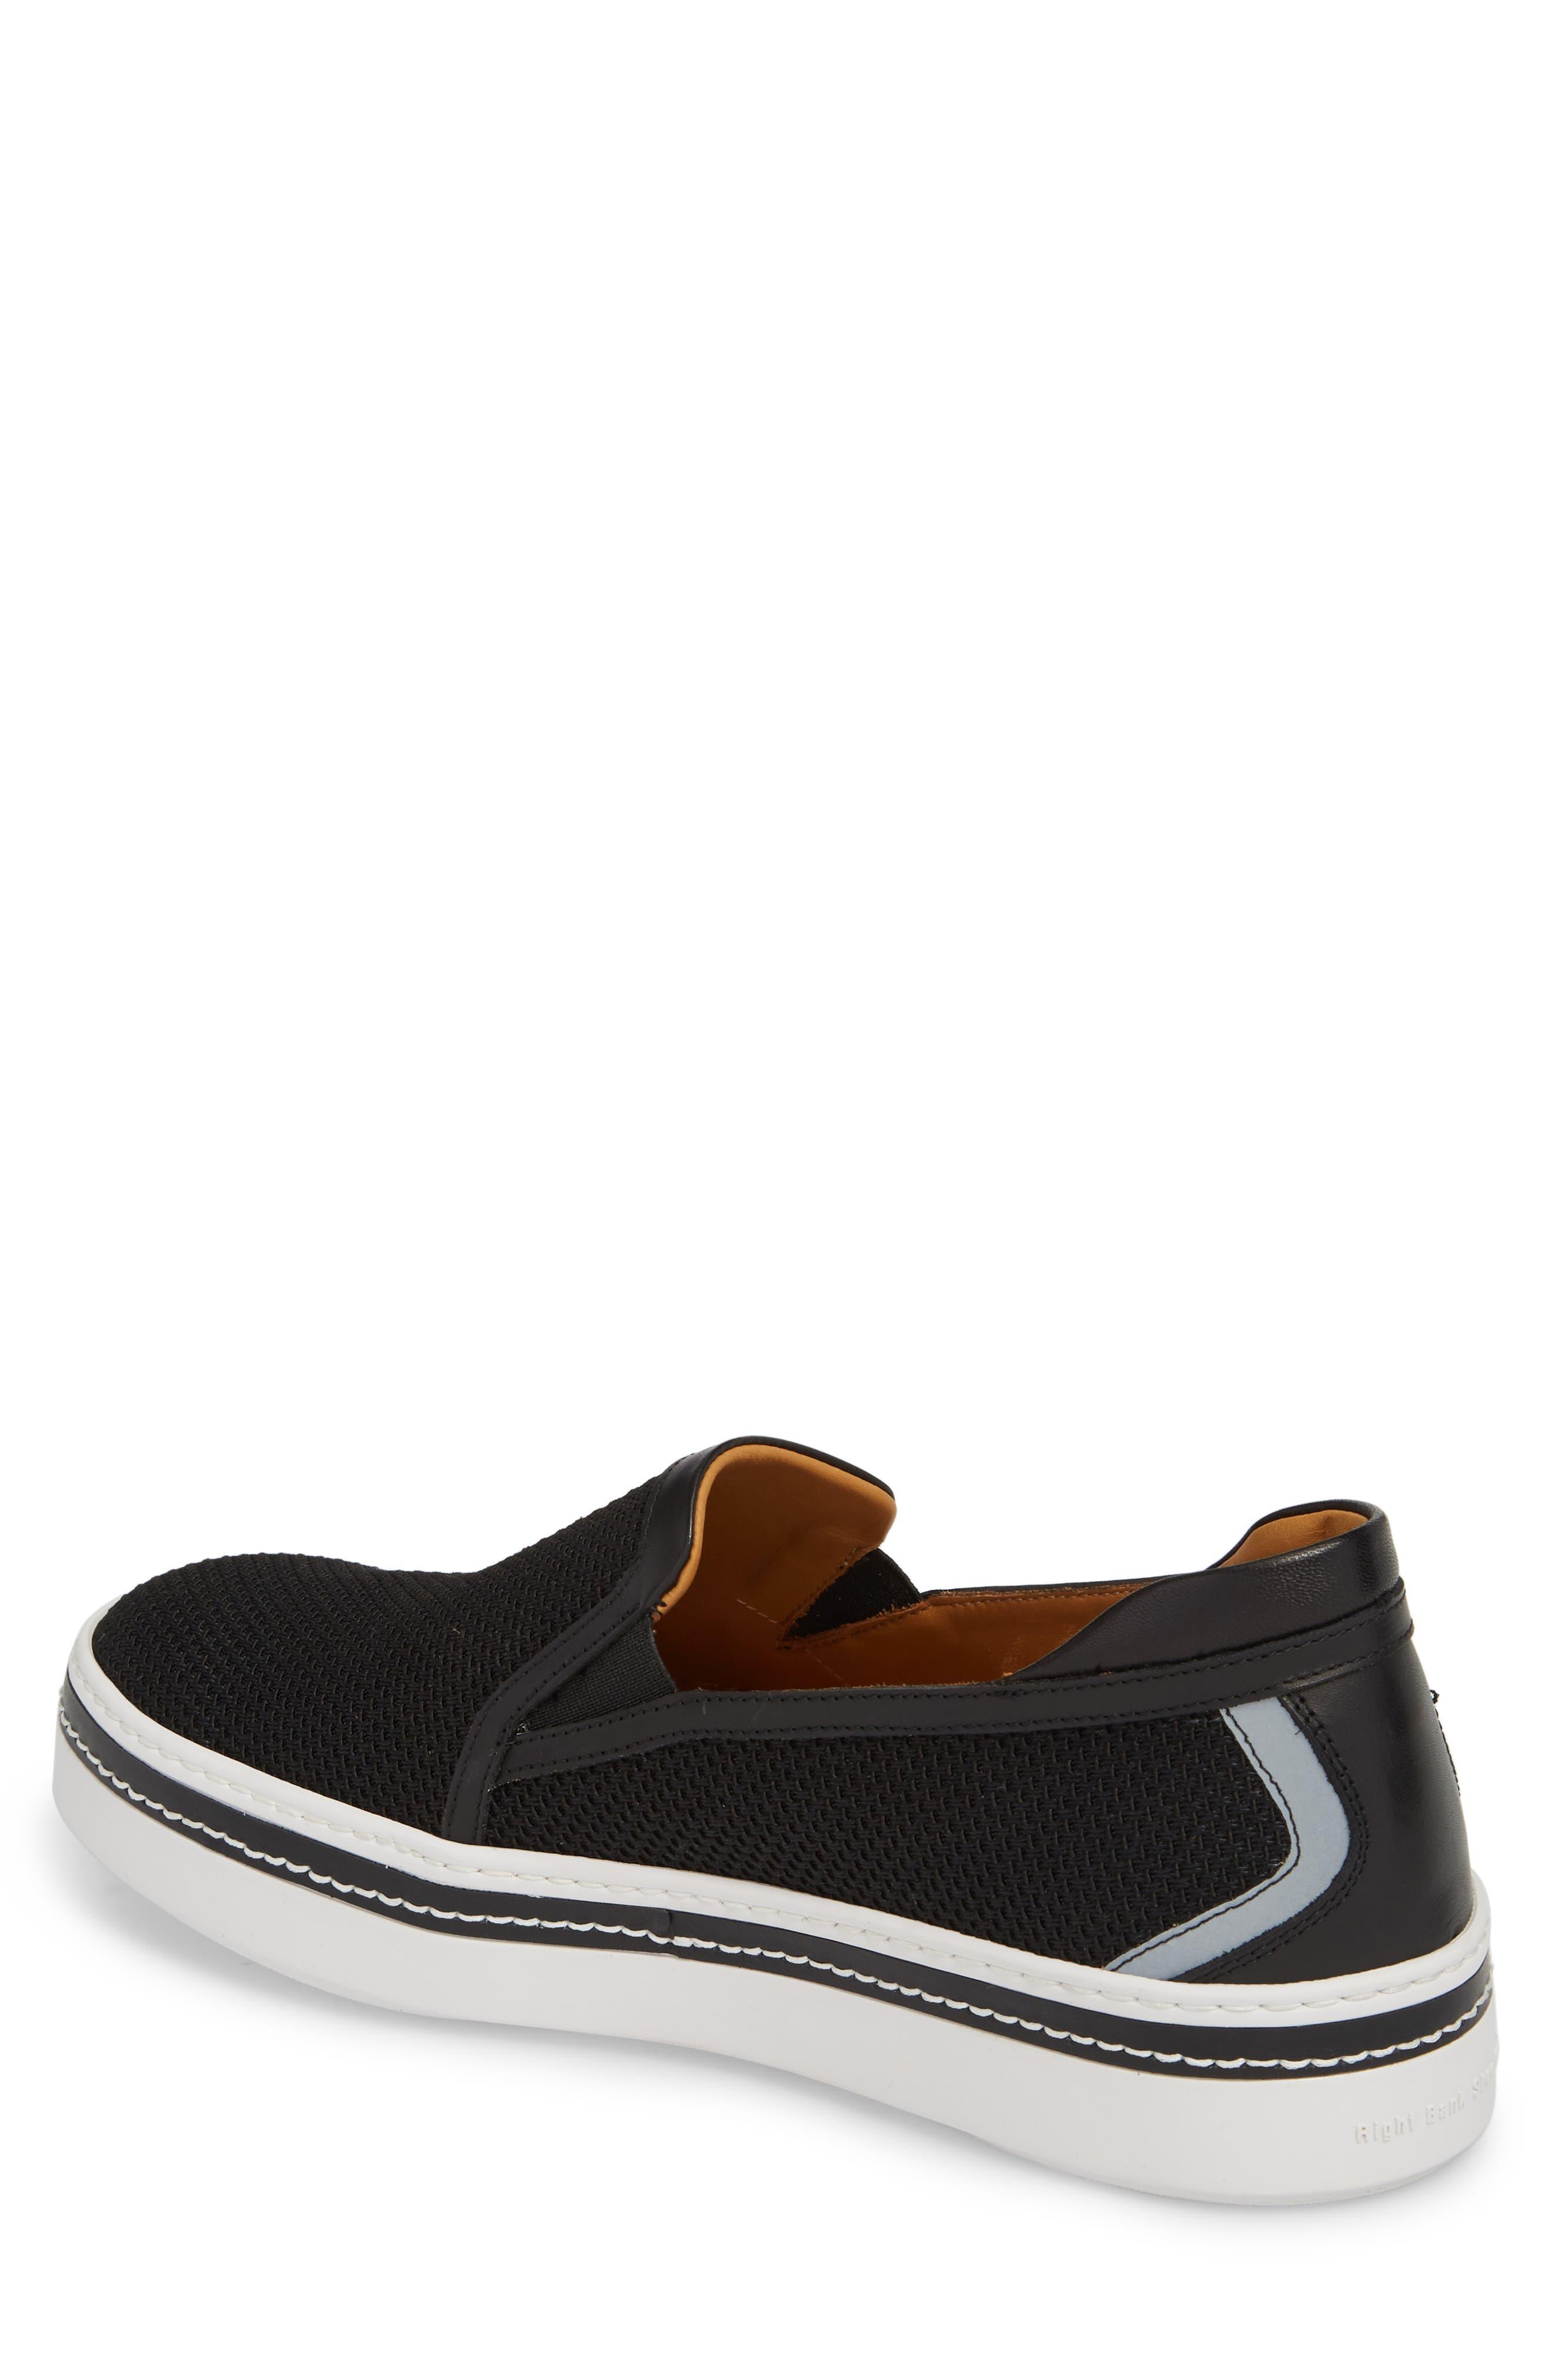 Sal Mesh Slip-On Sneaker,                             Alternate thumbnail 2, color,                             Black Mesh